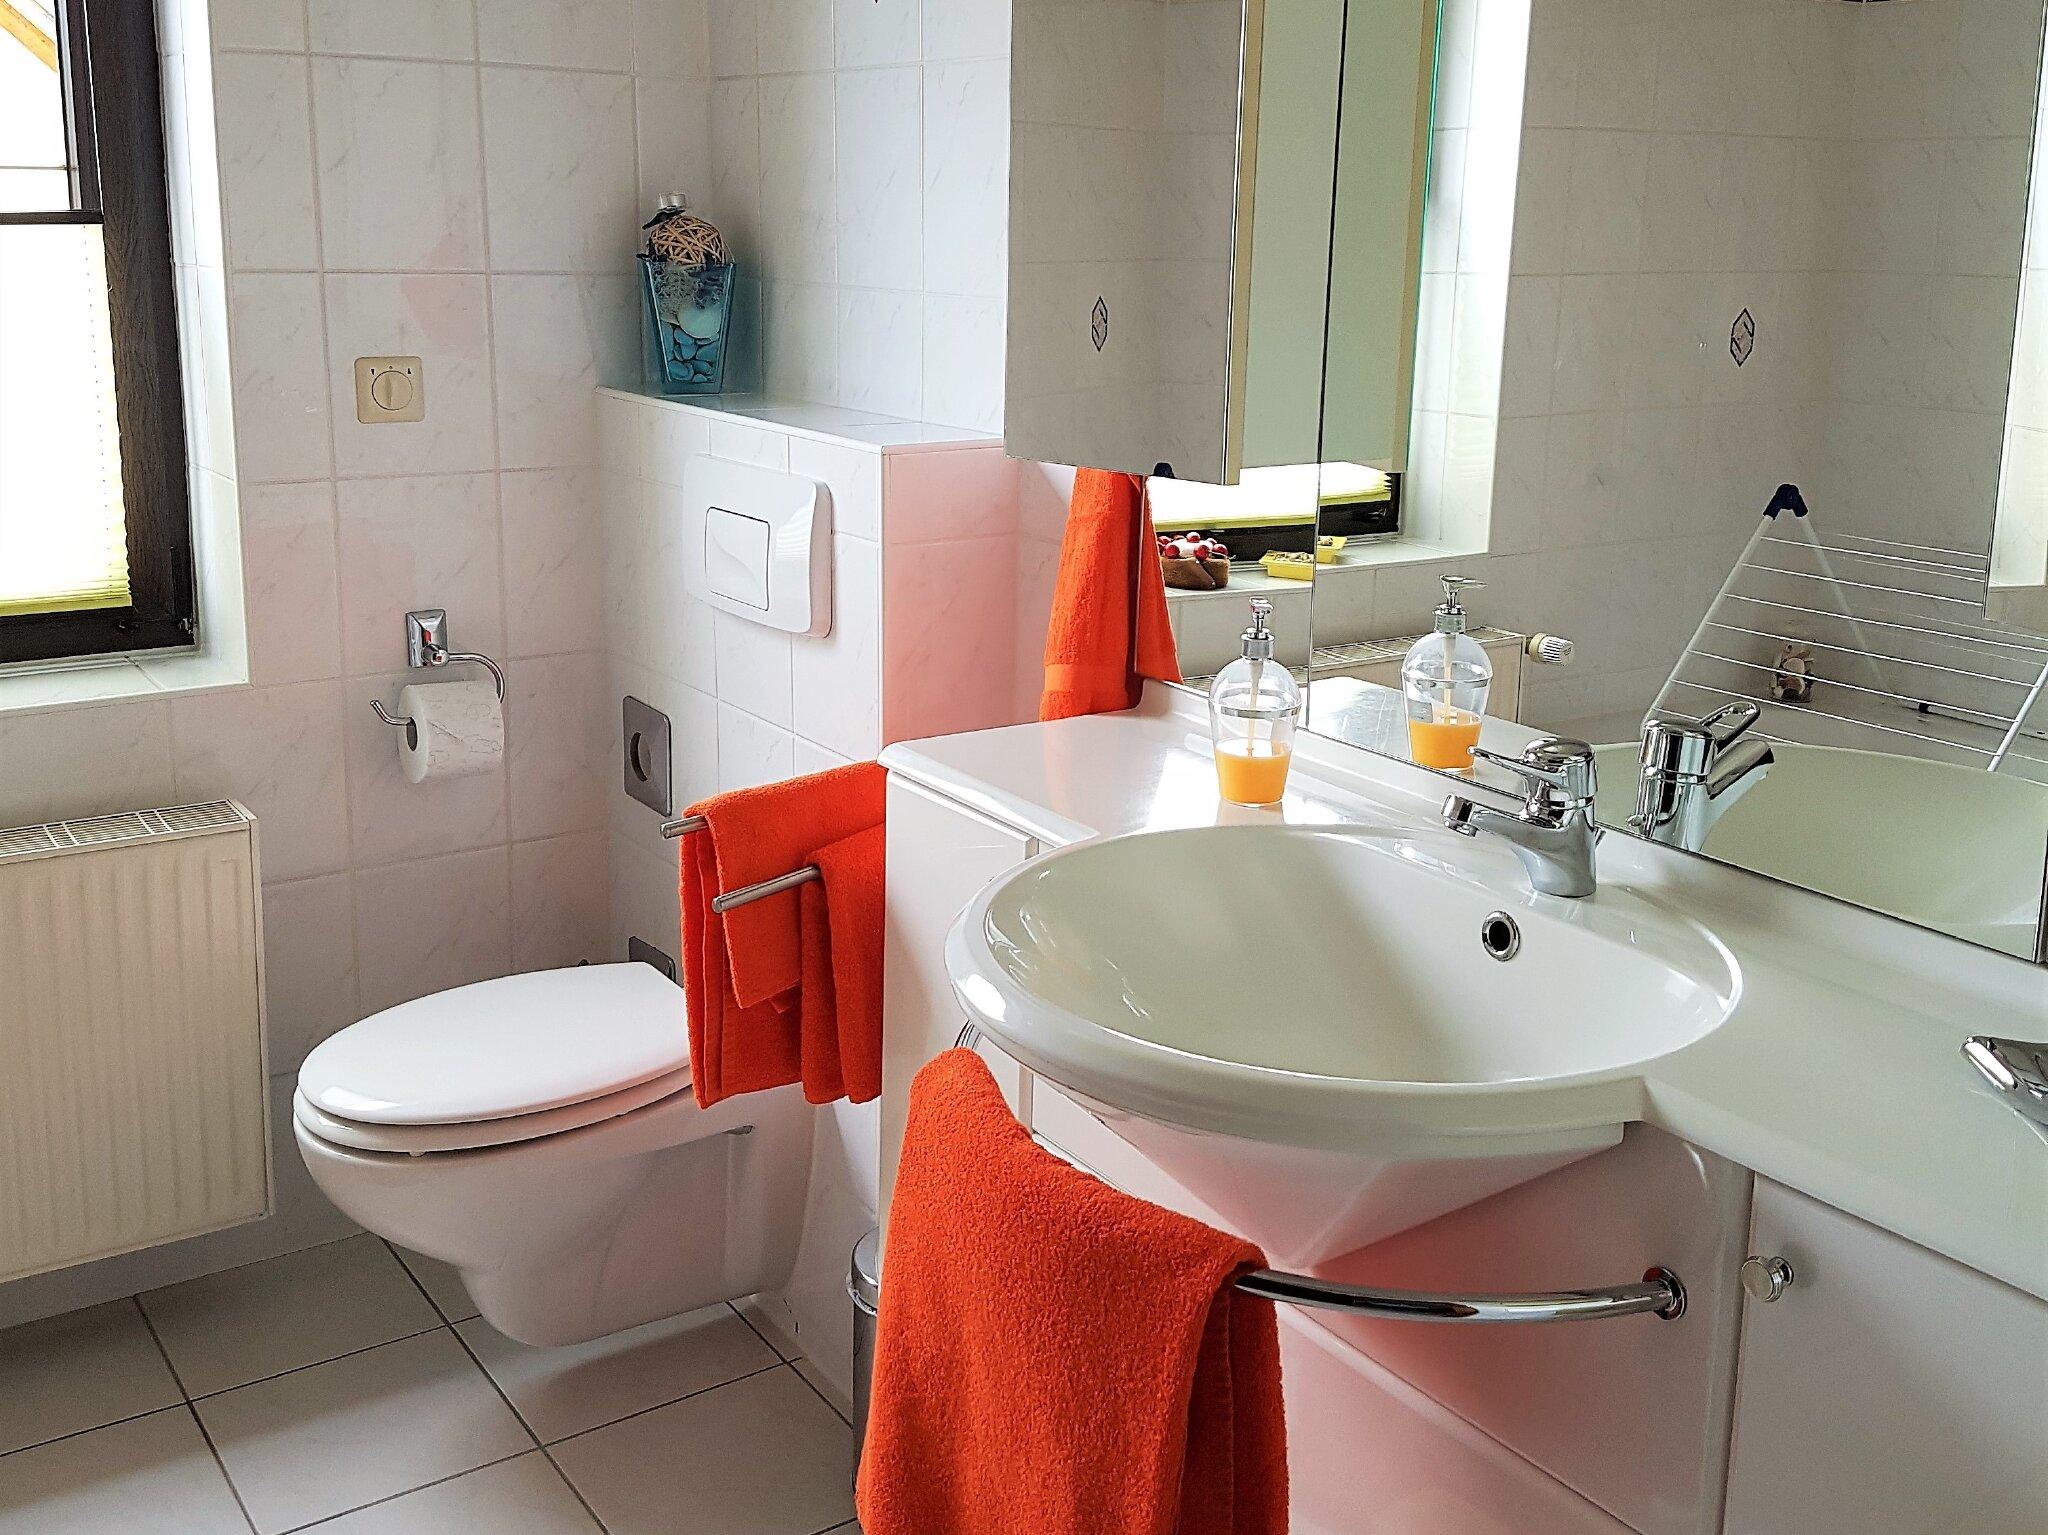 Bad mit Wanne, Dusche und WC